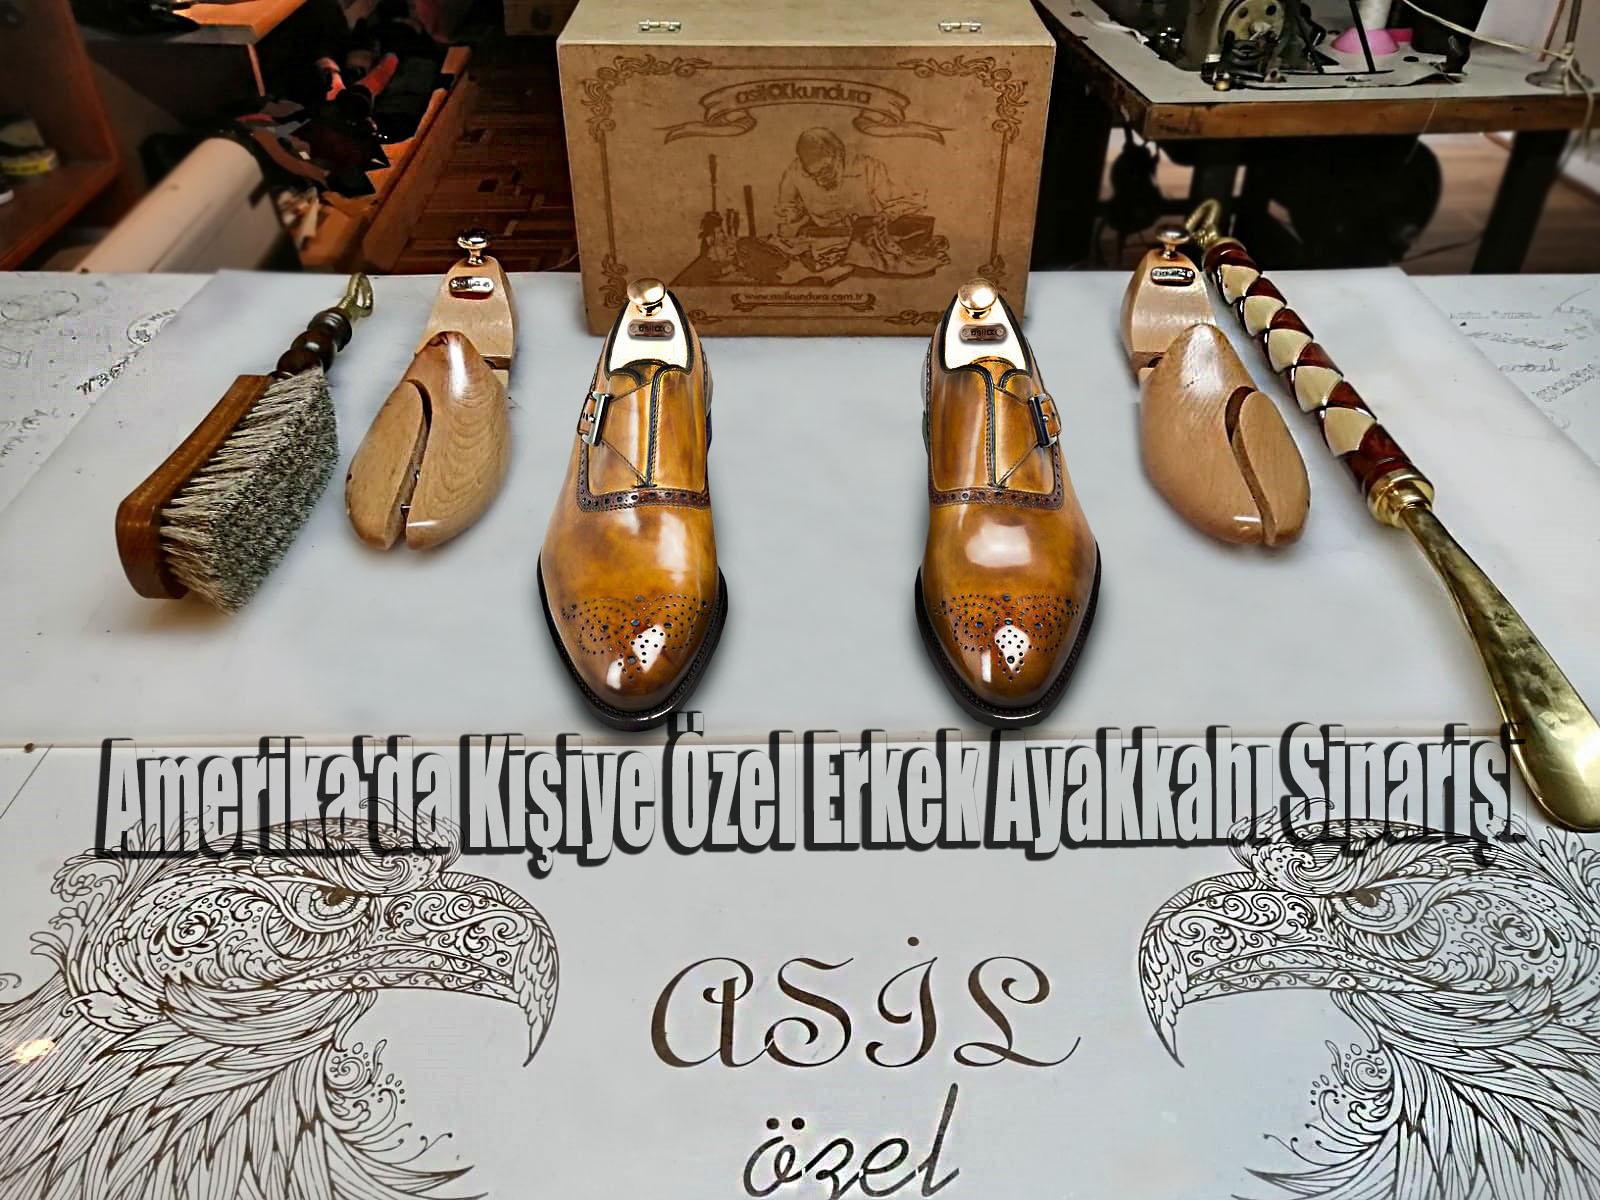 Amerika'da Kişiye Özel Erkek Ayakkabı Siparişi